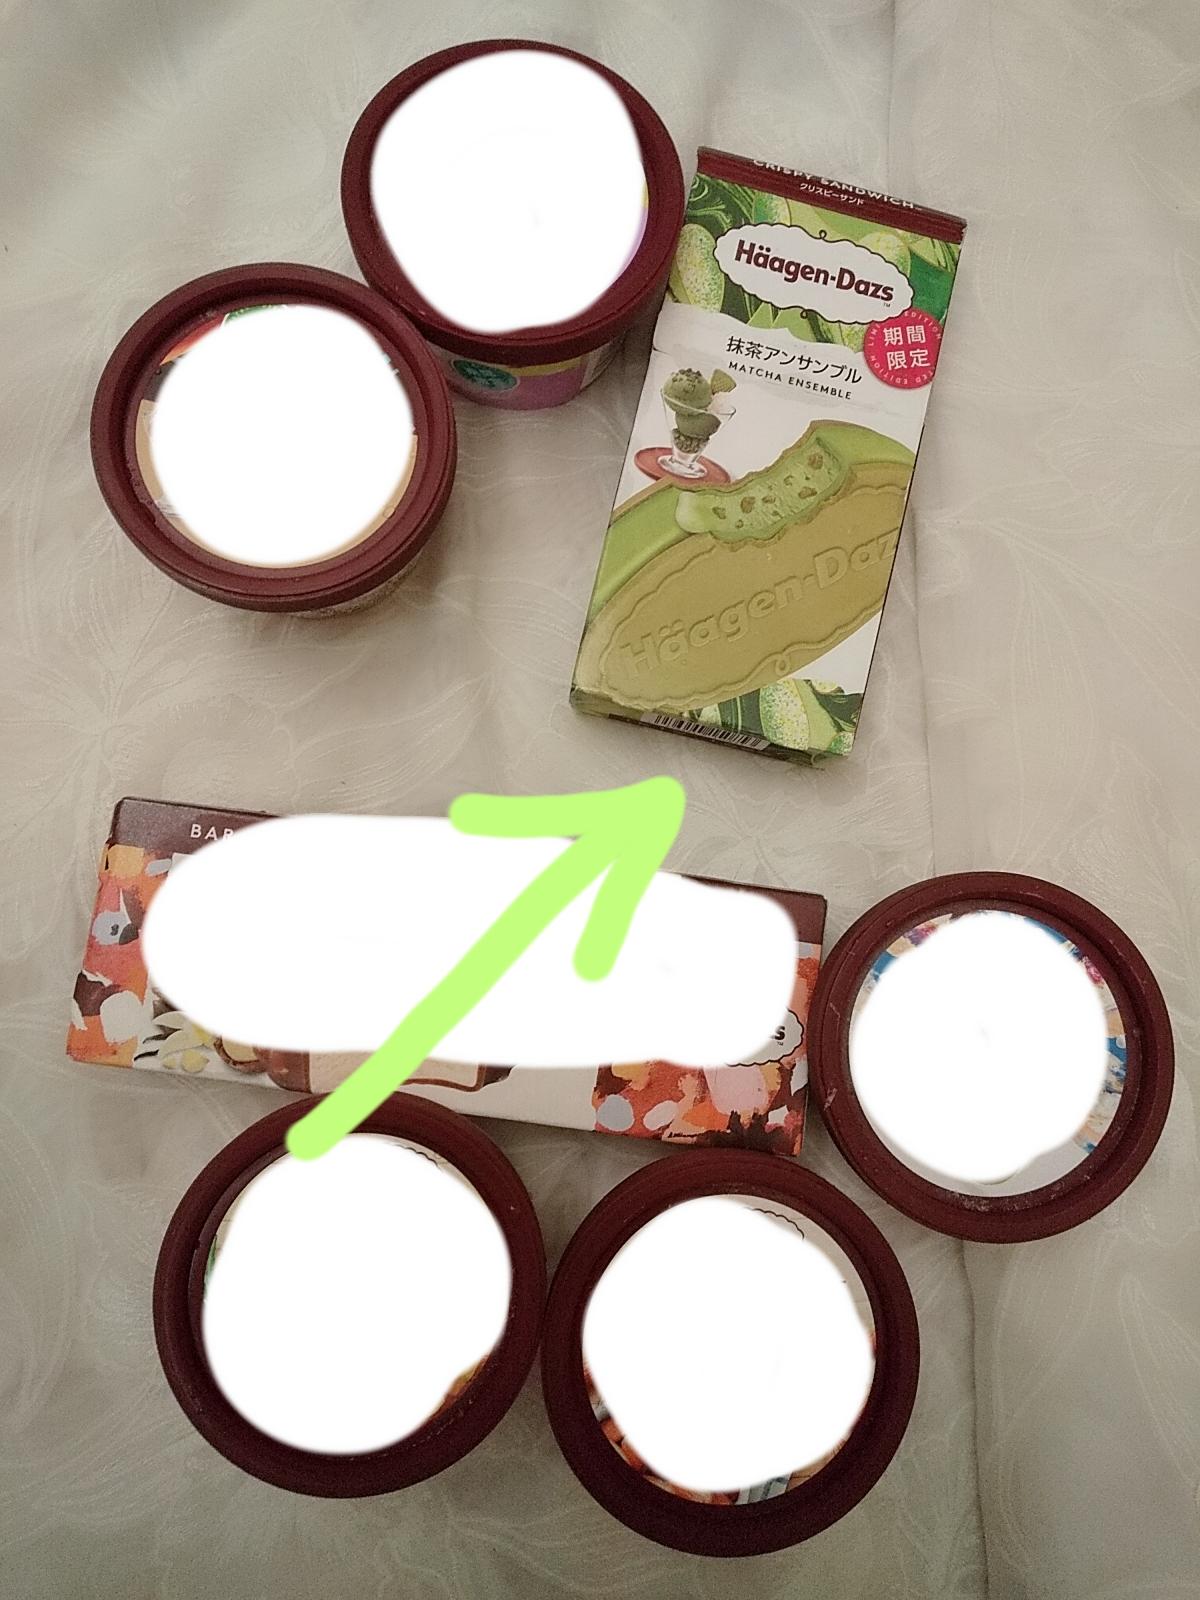 《冷凍庫が幸せボックスに》ハーゲンダッツを大人買い!!第1段は、抹茶アンサンブル_2